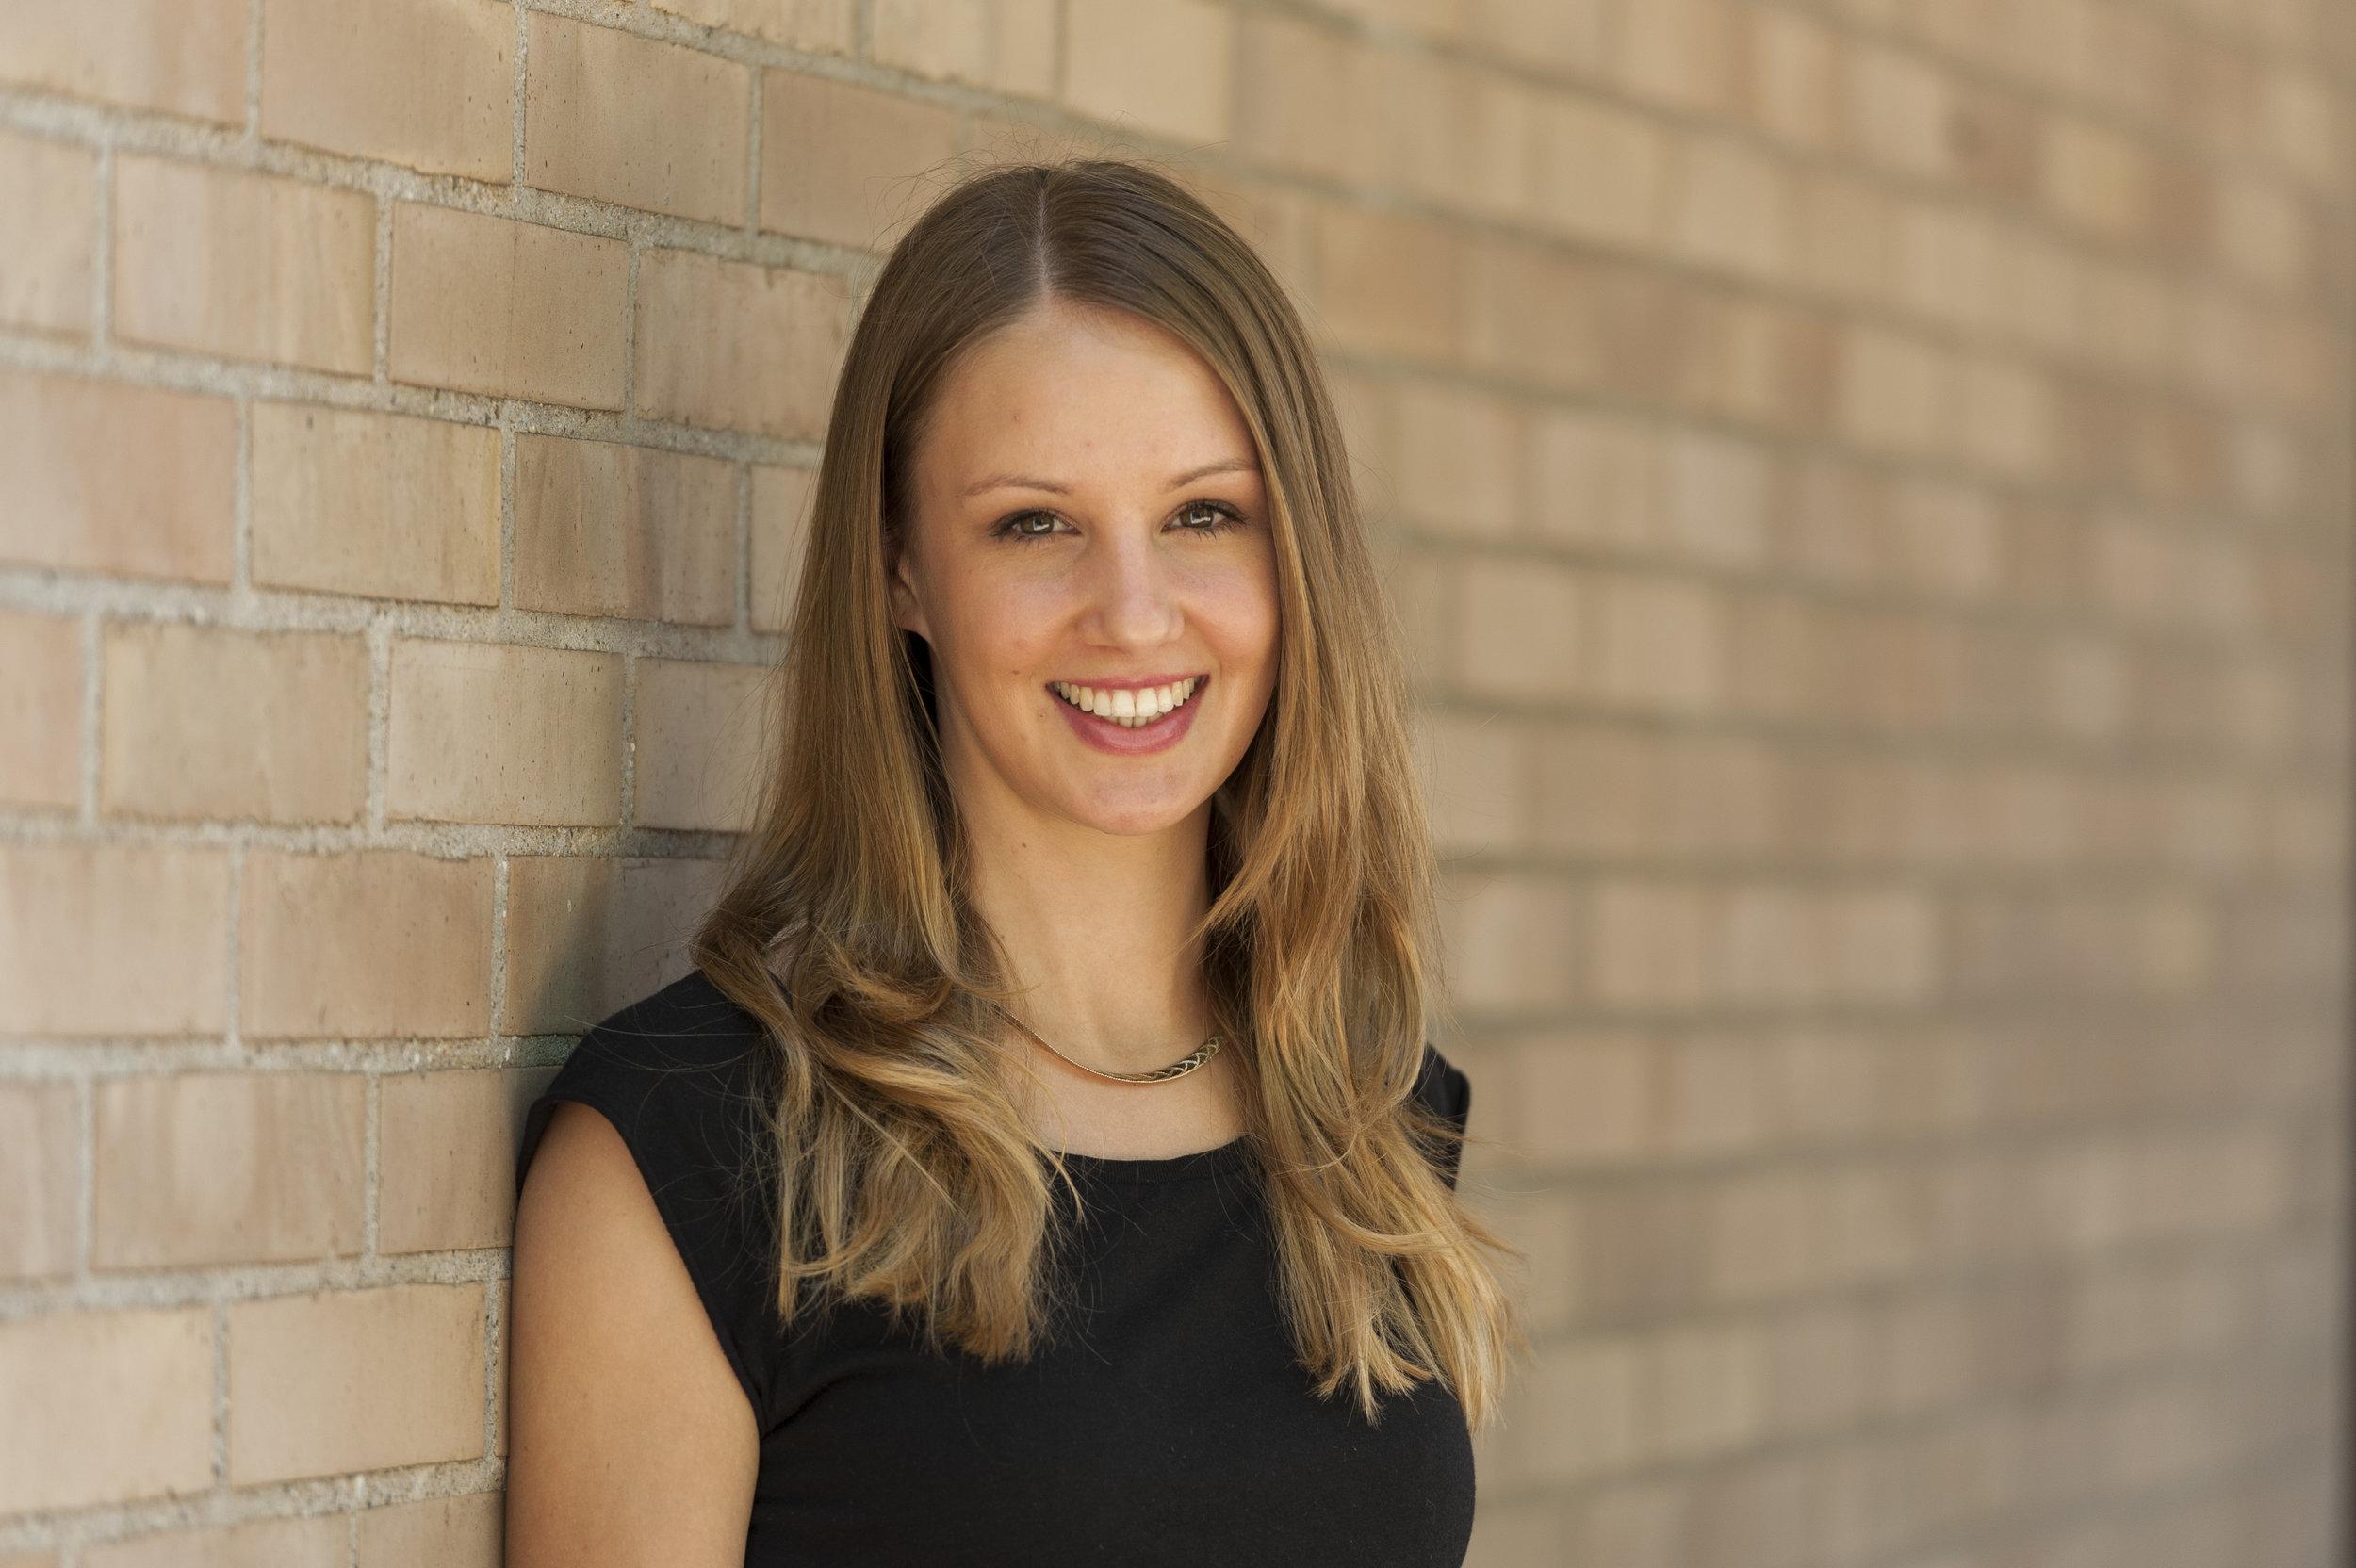 Heidi Büchi - «Confession hat in mir eine neue Begeisterung und Motivation geweckt, mich ganz für dasReich Gottes einzusetzen. Mir fällt es jetzt vielleichter, offen auf Menschen zuzugehen undihnen von Jesus zu erzählen.»